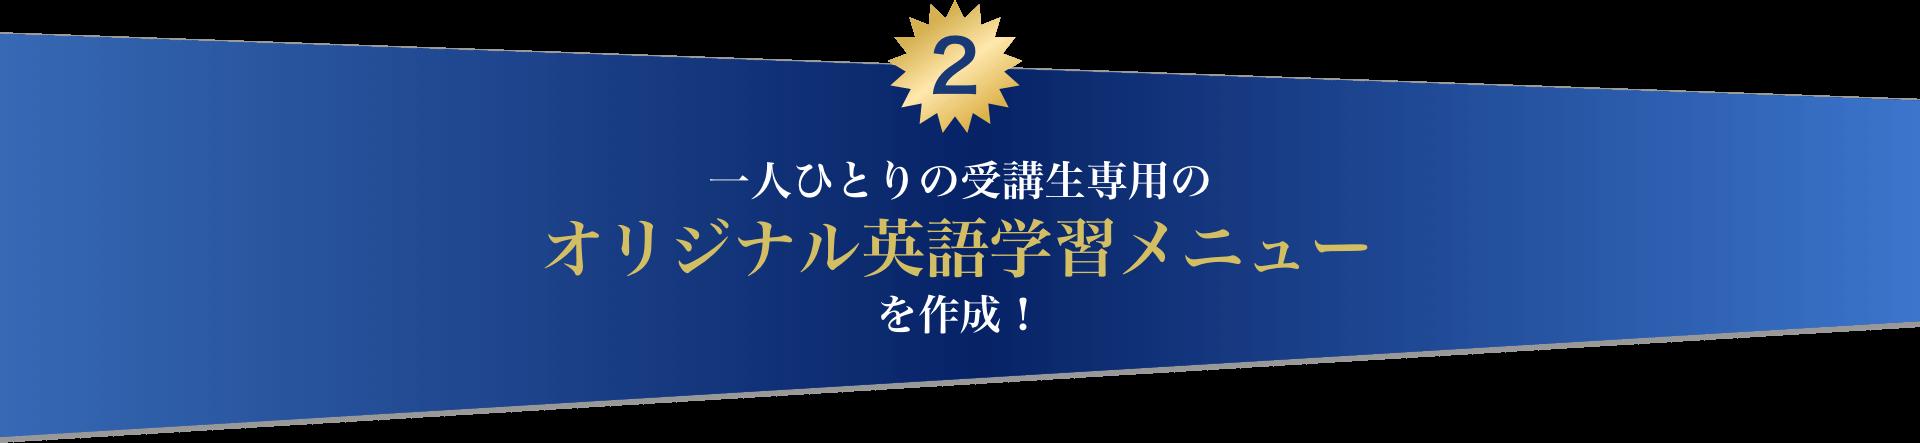 2. ⼀⼈ひとりの受講⽣専⽤のオリジナル英語学習メニューを作成!